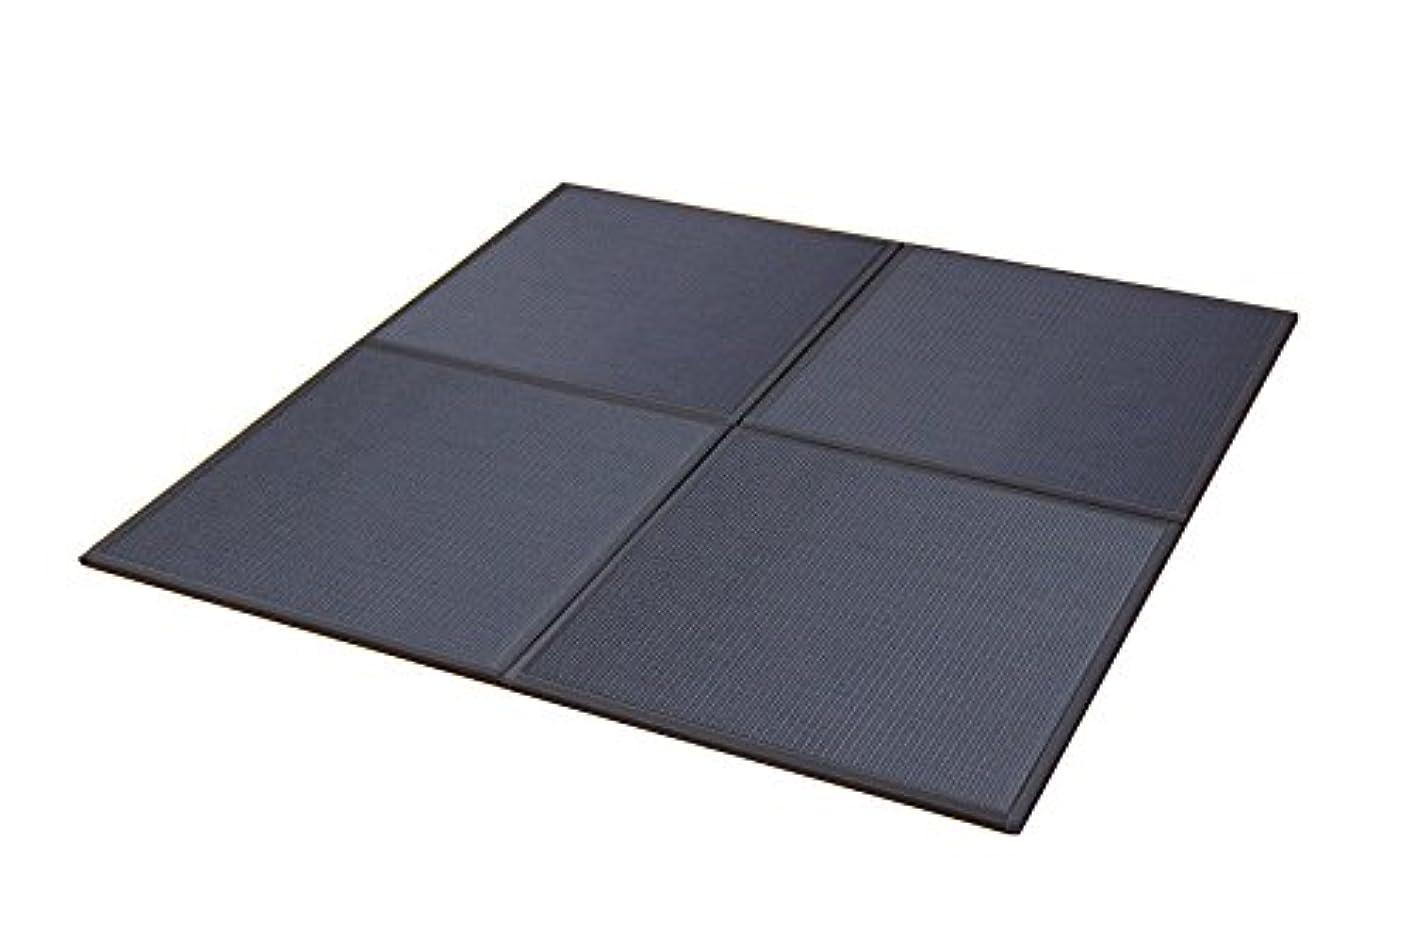 包囲めまい凝視イケヒコ 置き畳 ユニット畳 PP 軽量タイプ 『スカッシュ』 ブラック 約82×82×1.7cm (6枚1セット)